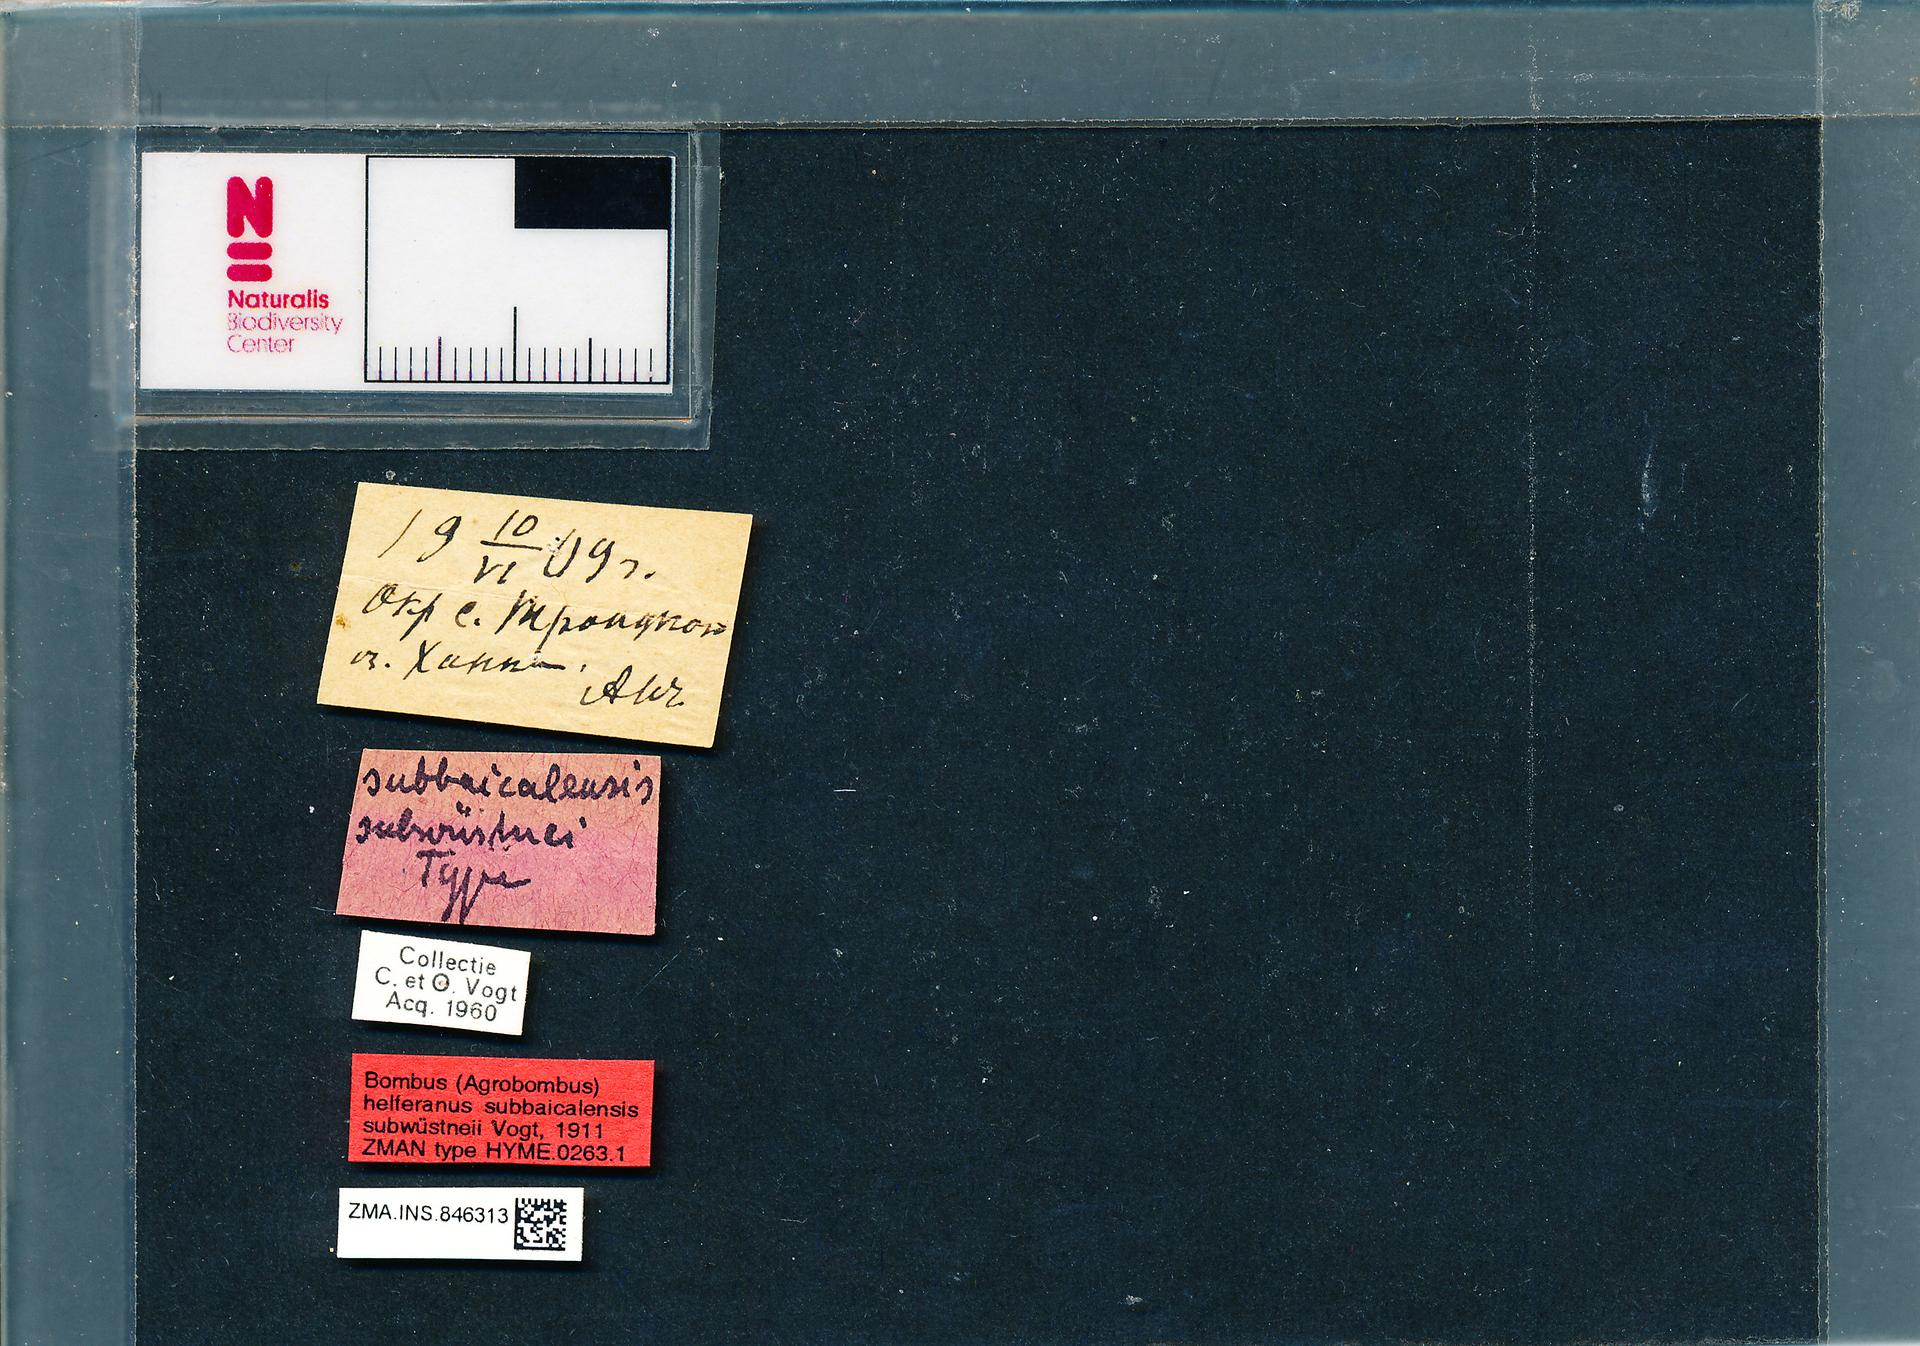 ZMA.INS.846313 | Bombus (Thoracobombus) humilis subbaicalensis Vogt, 1911